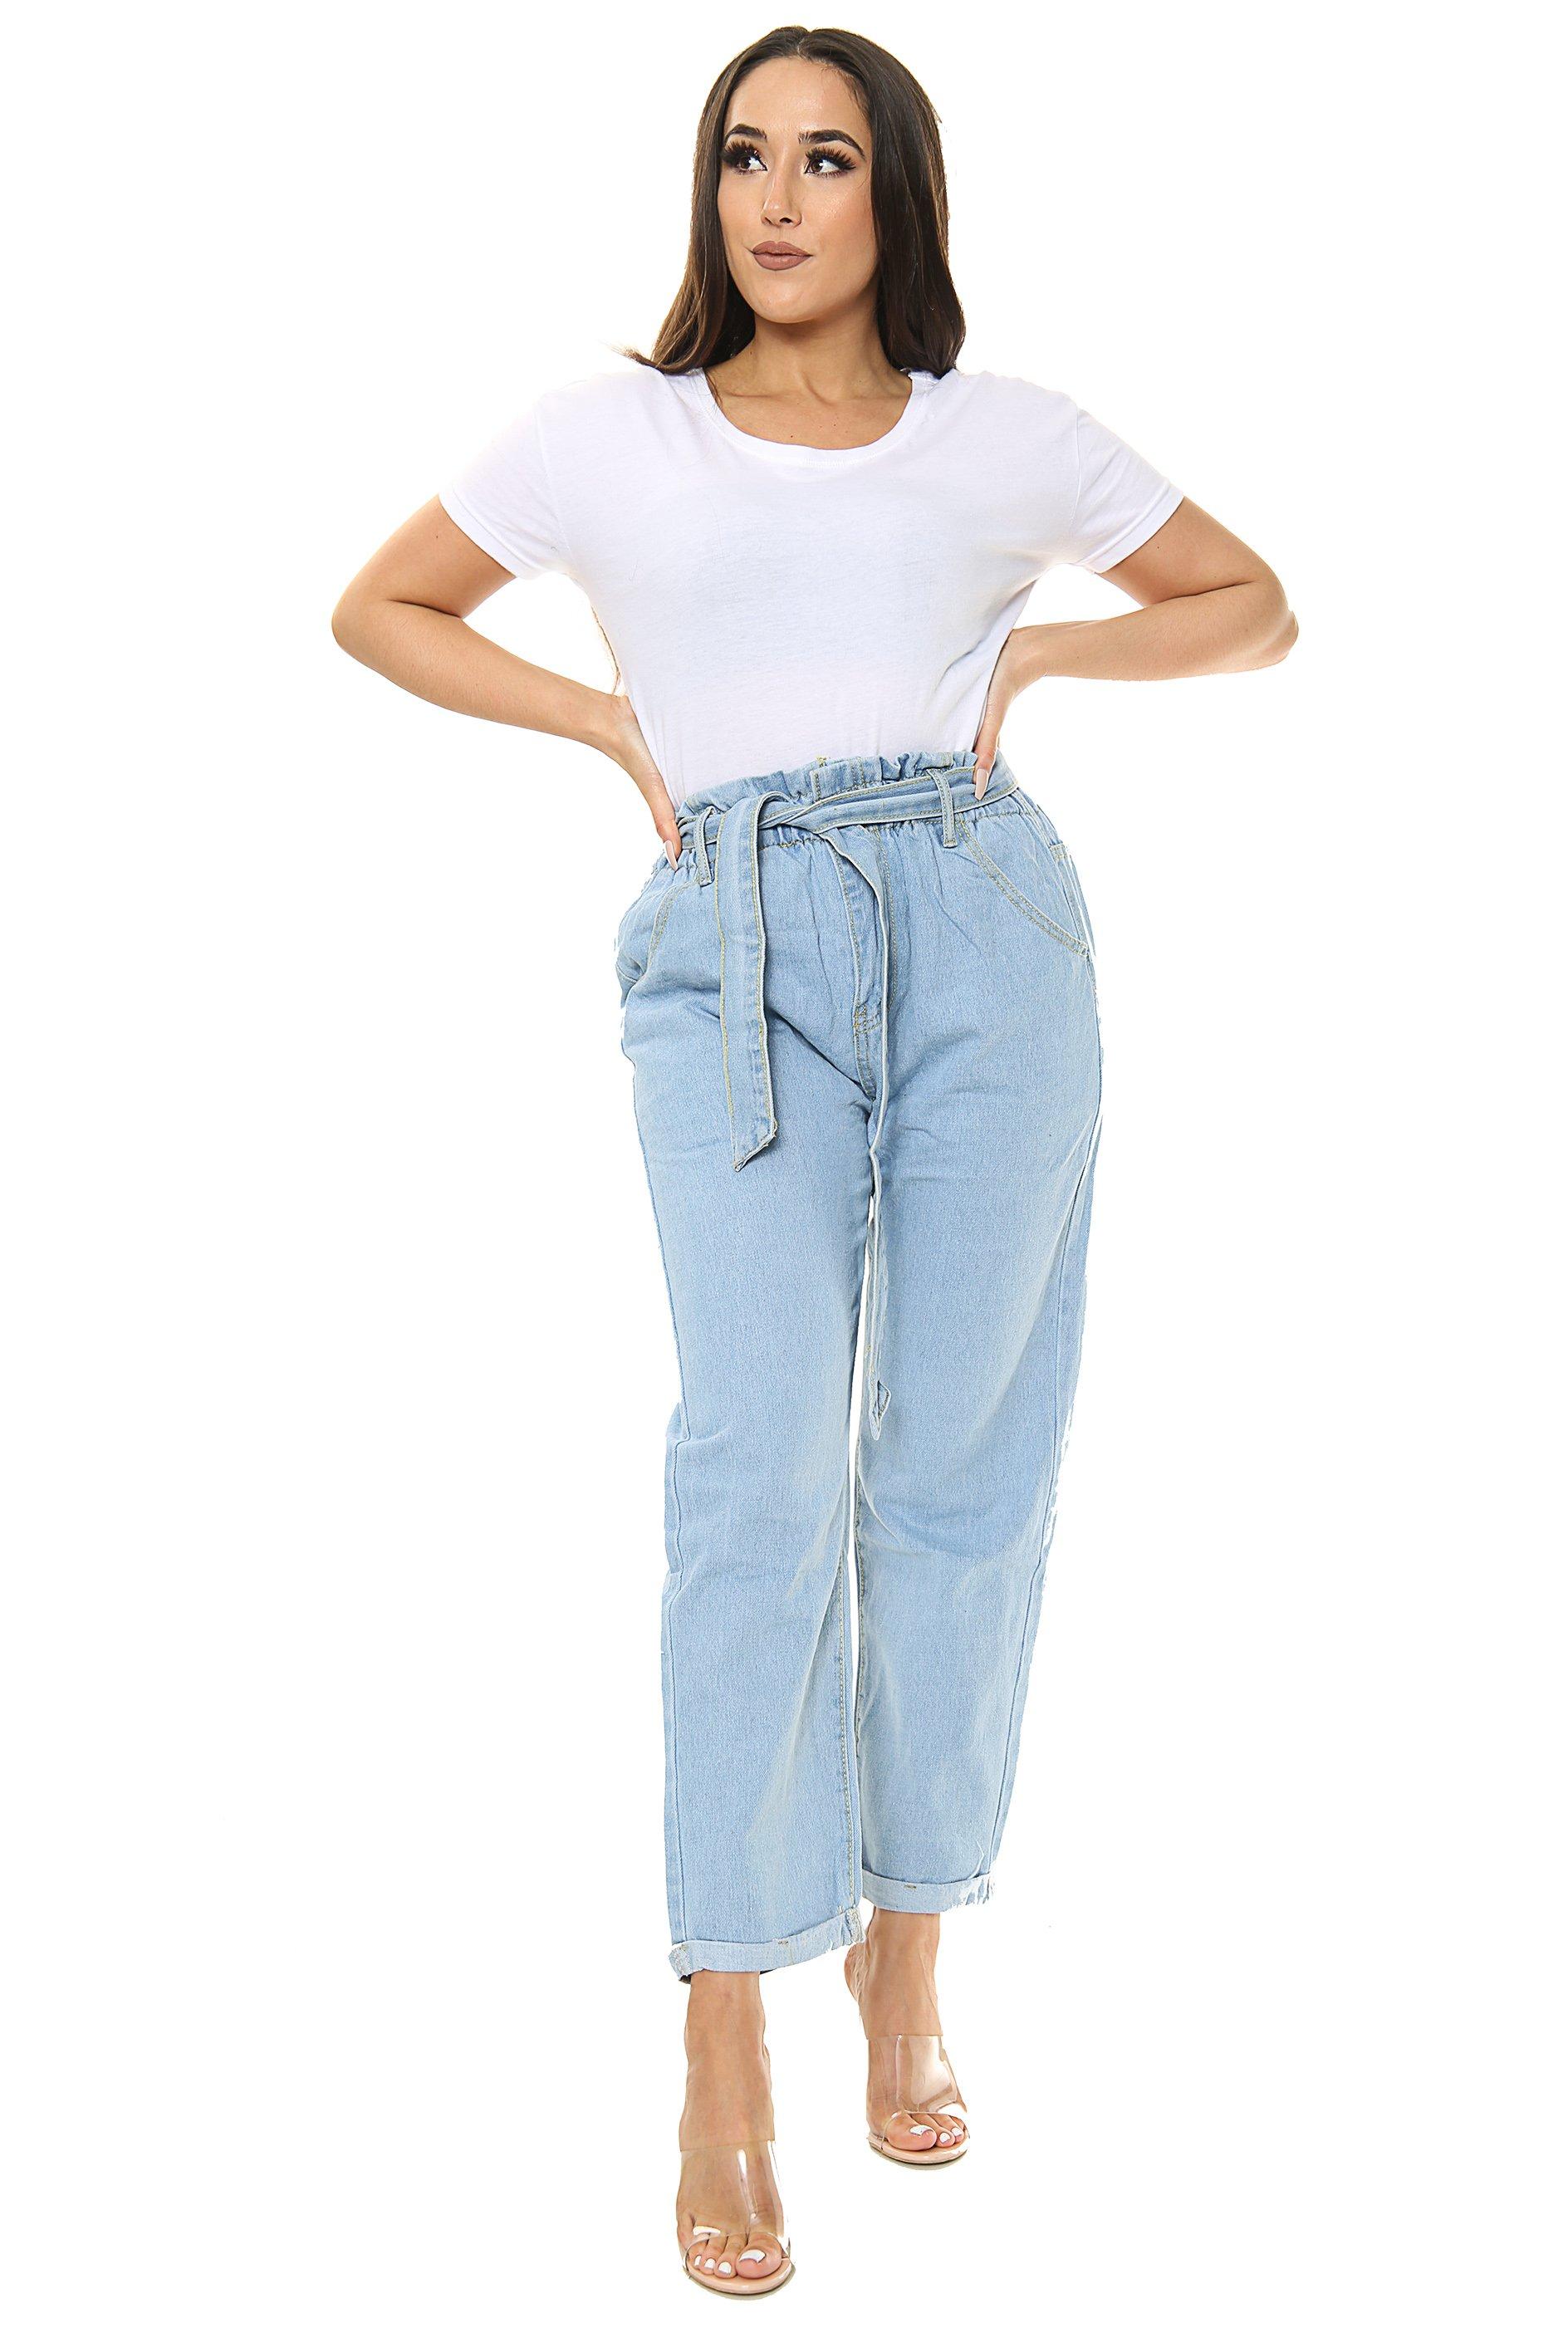 Blue Boyfriend Ladies Jeans with Belt